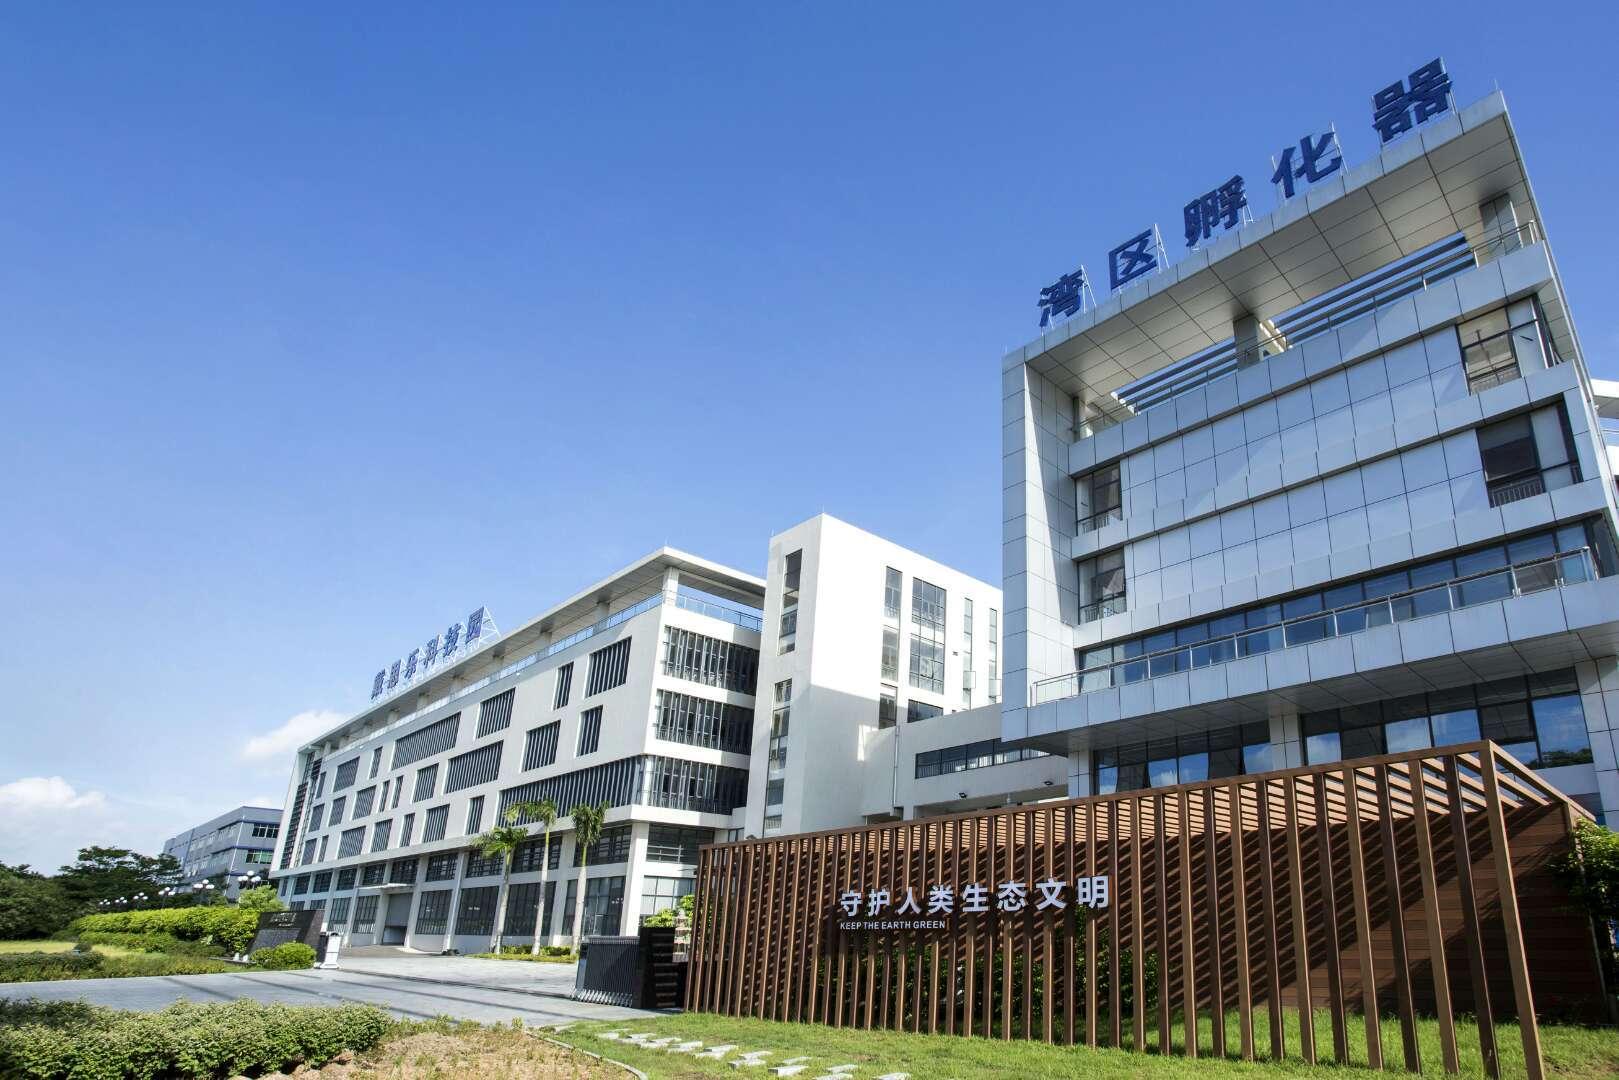 戴思乐科技集团有限公司 _才通国际人才网_job001.cn